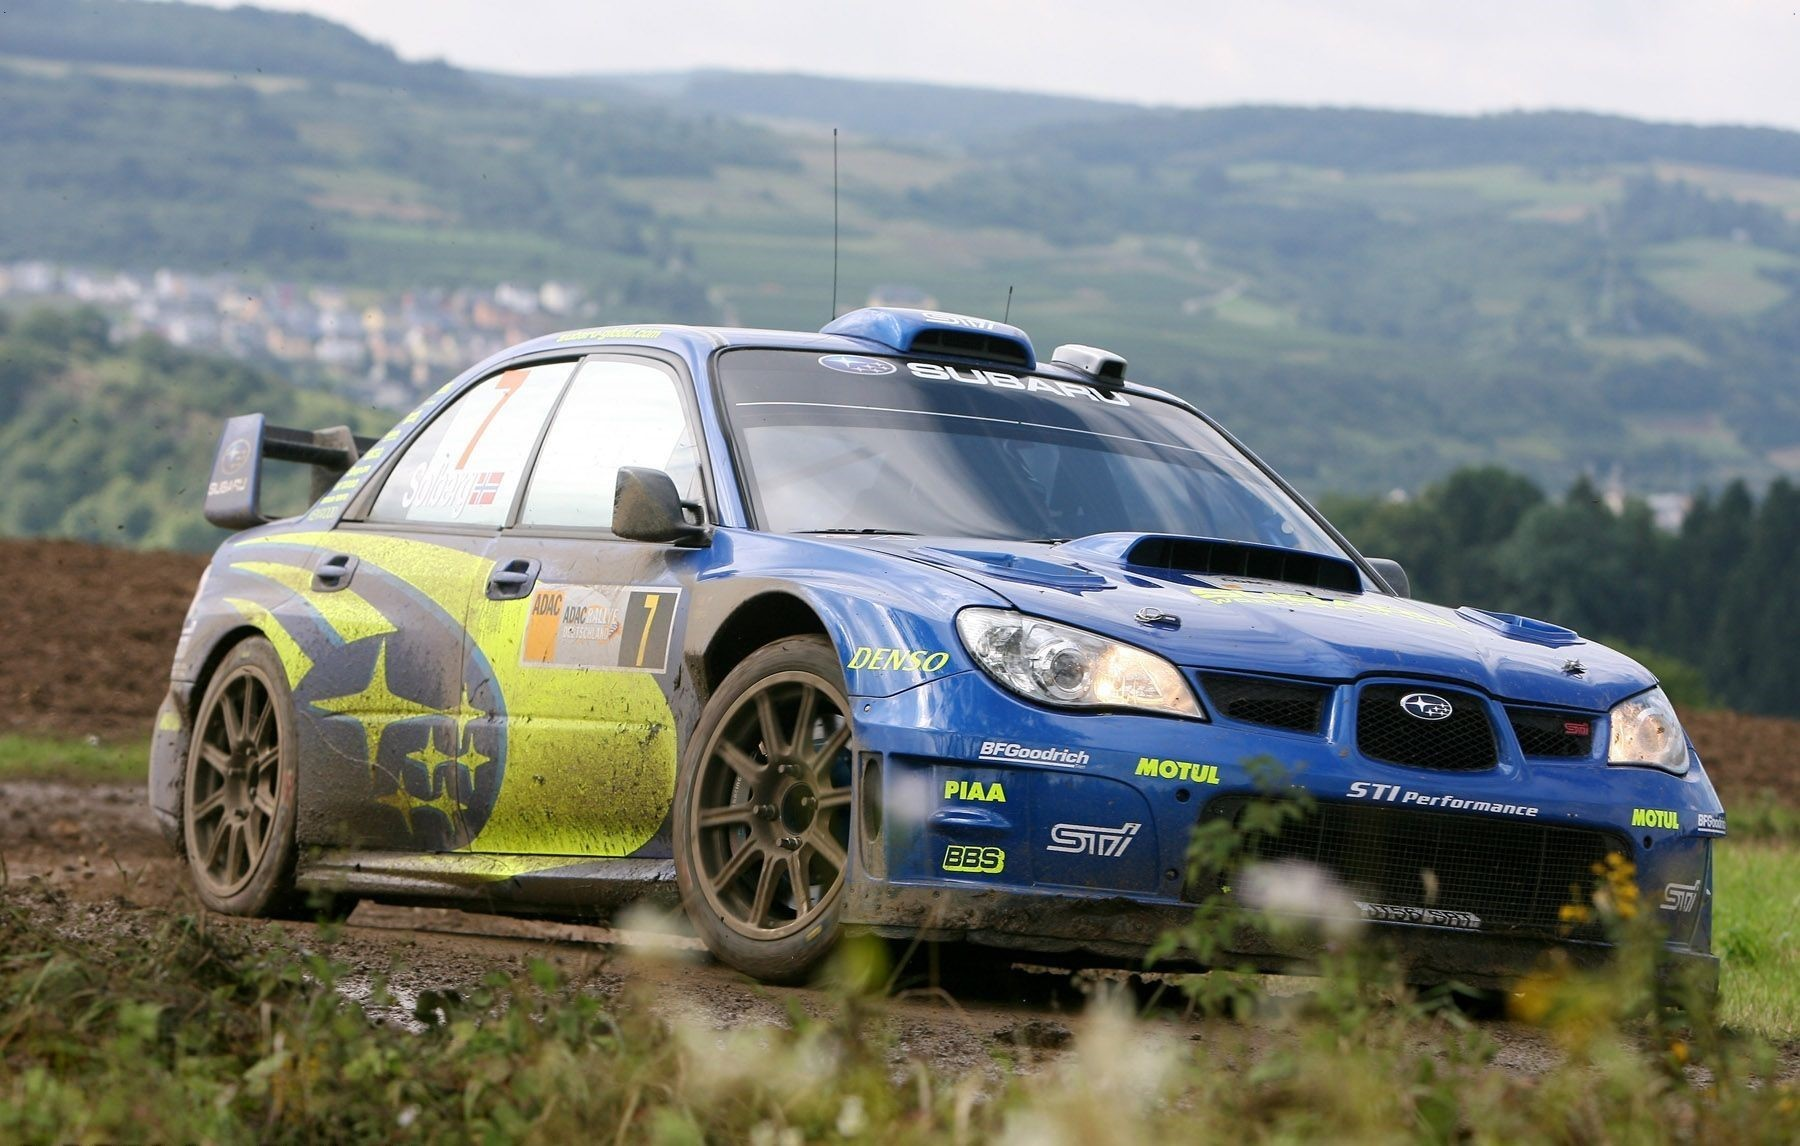 Subaru Rally Car Free Wallpaper